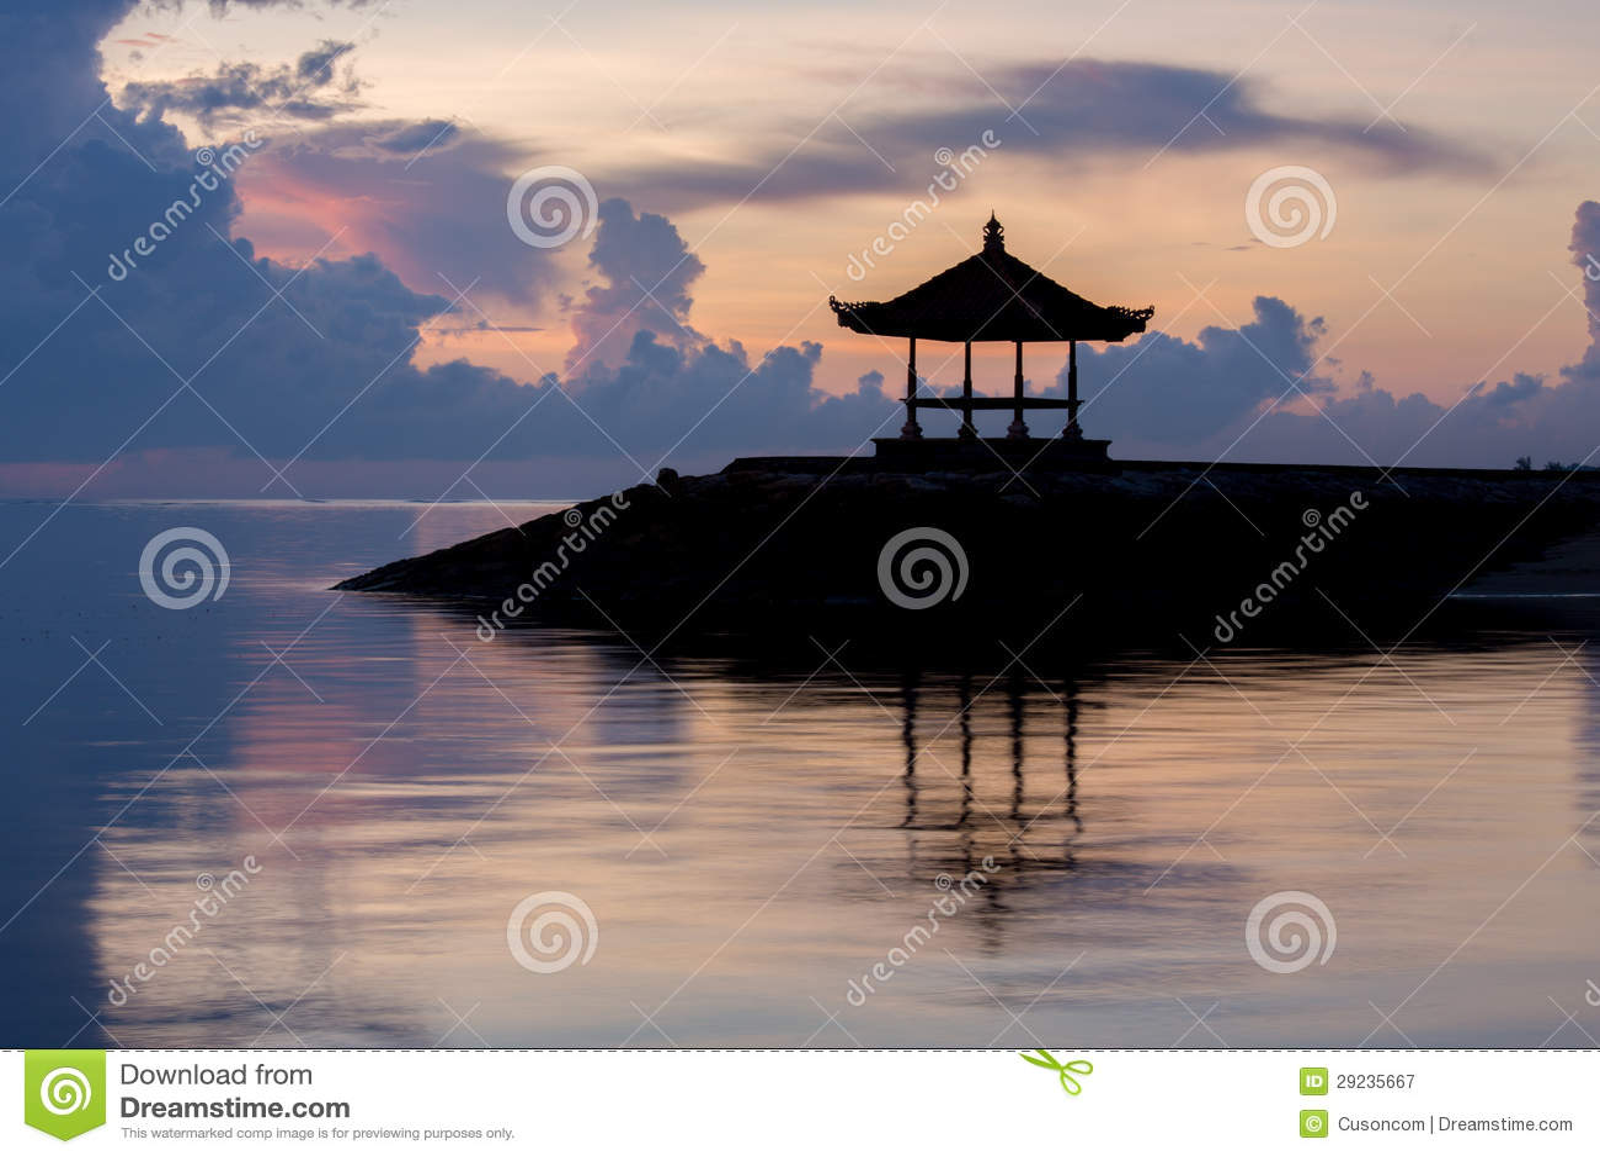 Download Pavilhão tradicional imagem de stock. Imagem de ásia - 29235667